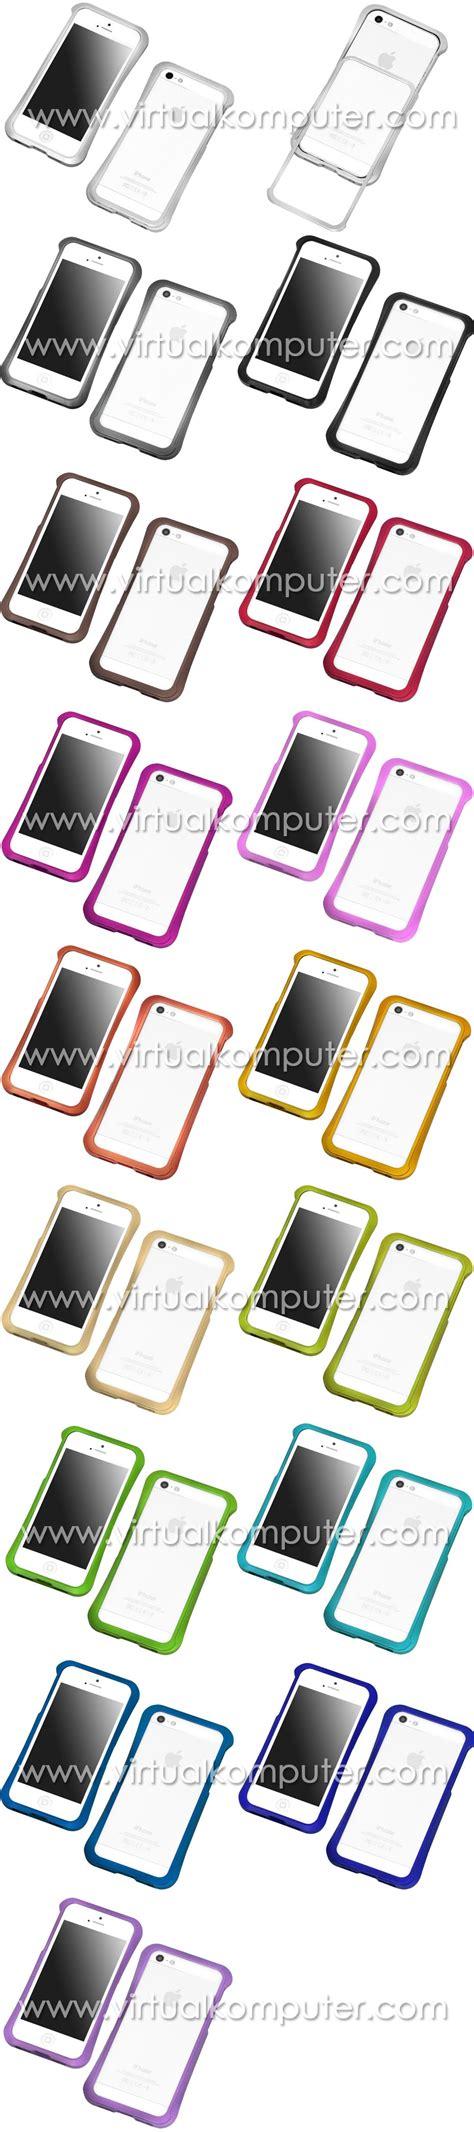 Samsung S6 Edge Lumee Led Selfie Premium Import S areahp bumper alumunium deff cleave for iphone 5 5s